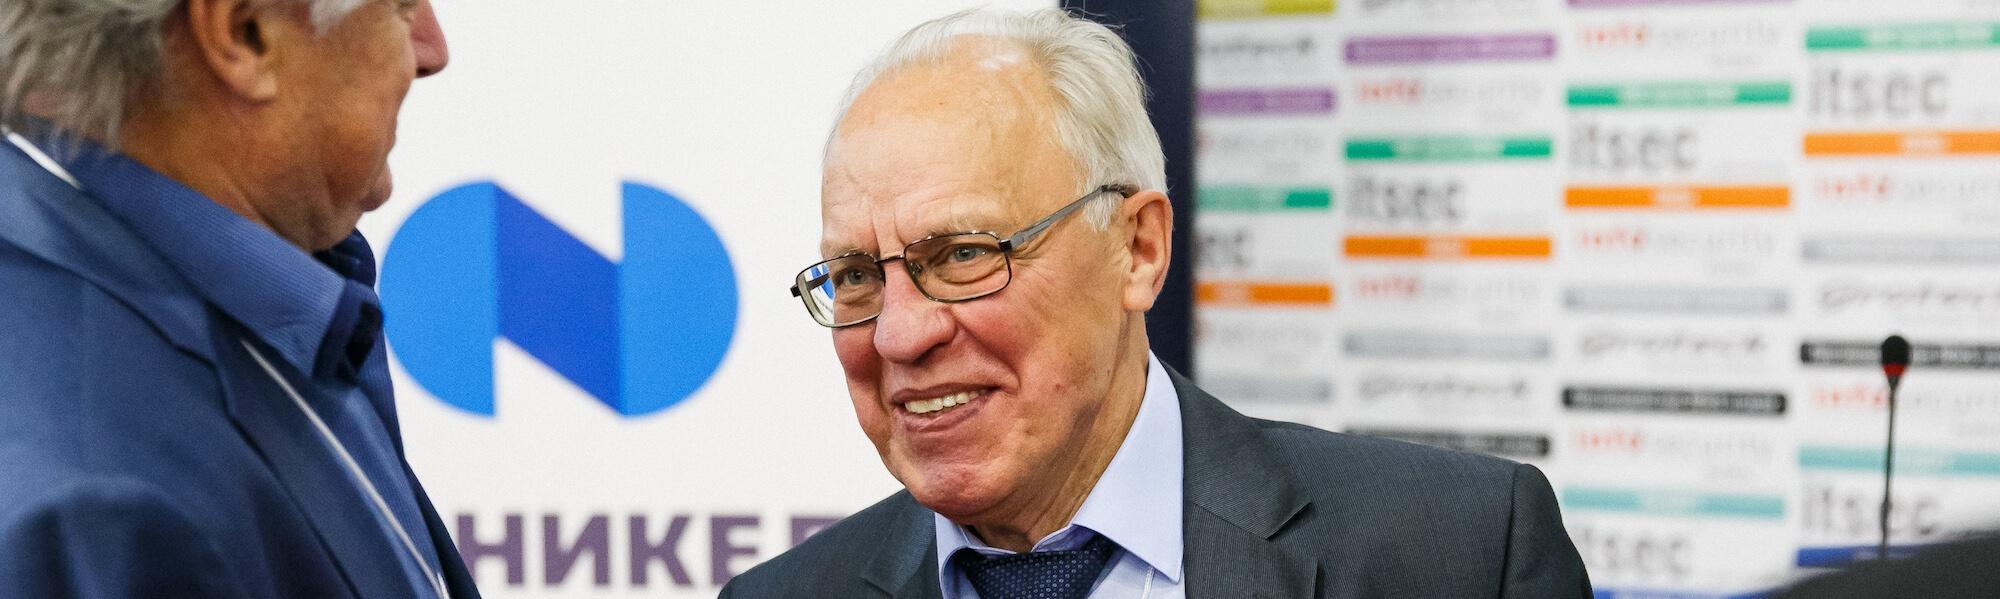 Gennady Emelyanov